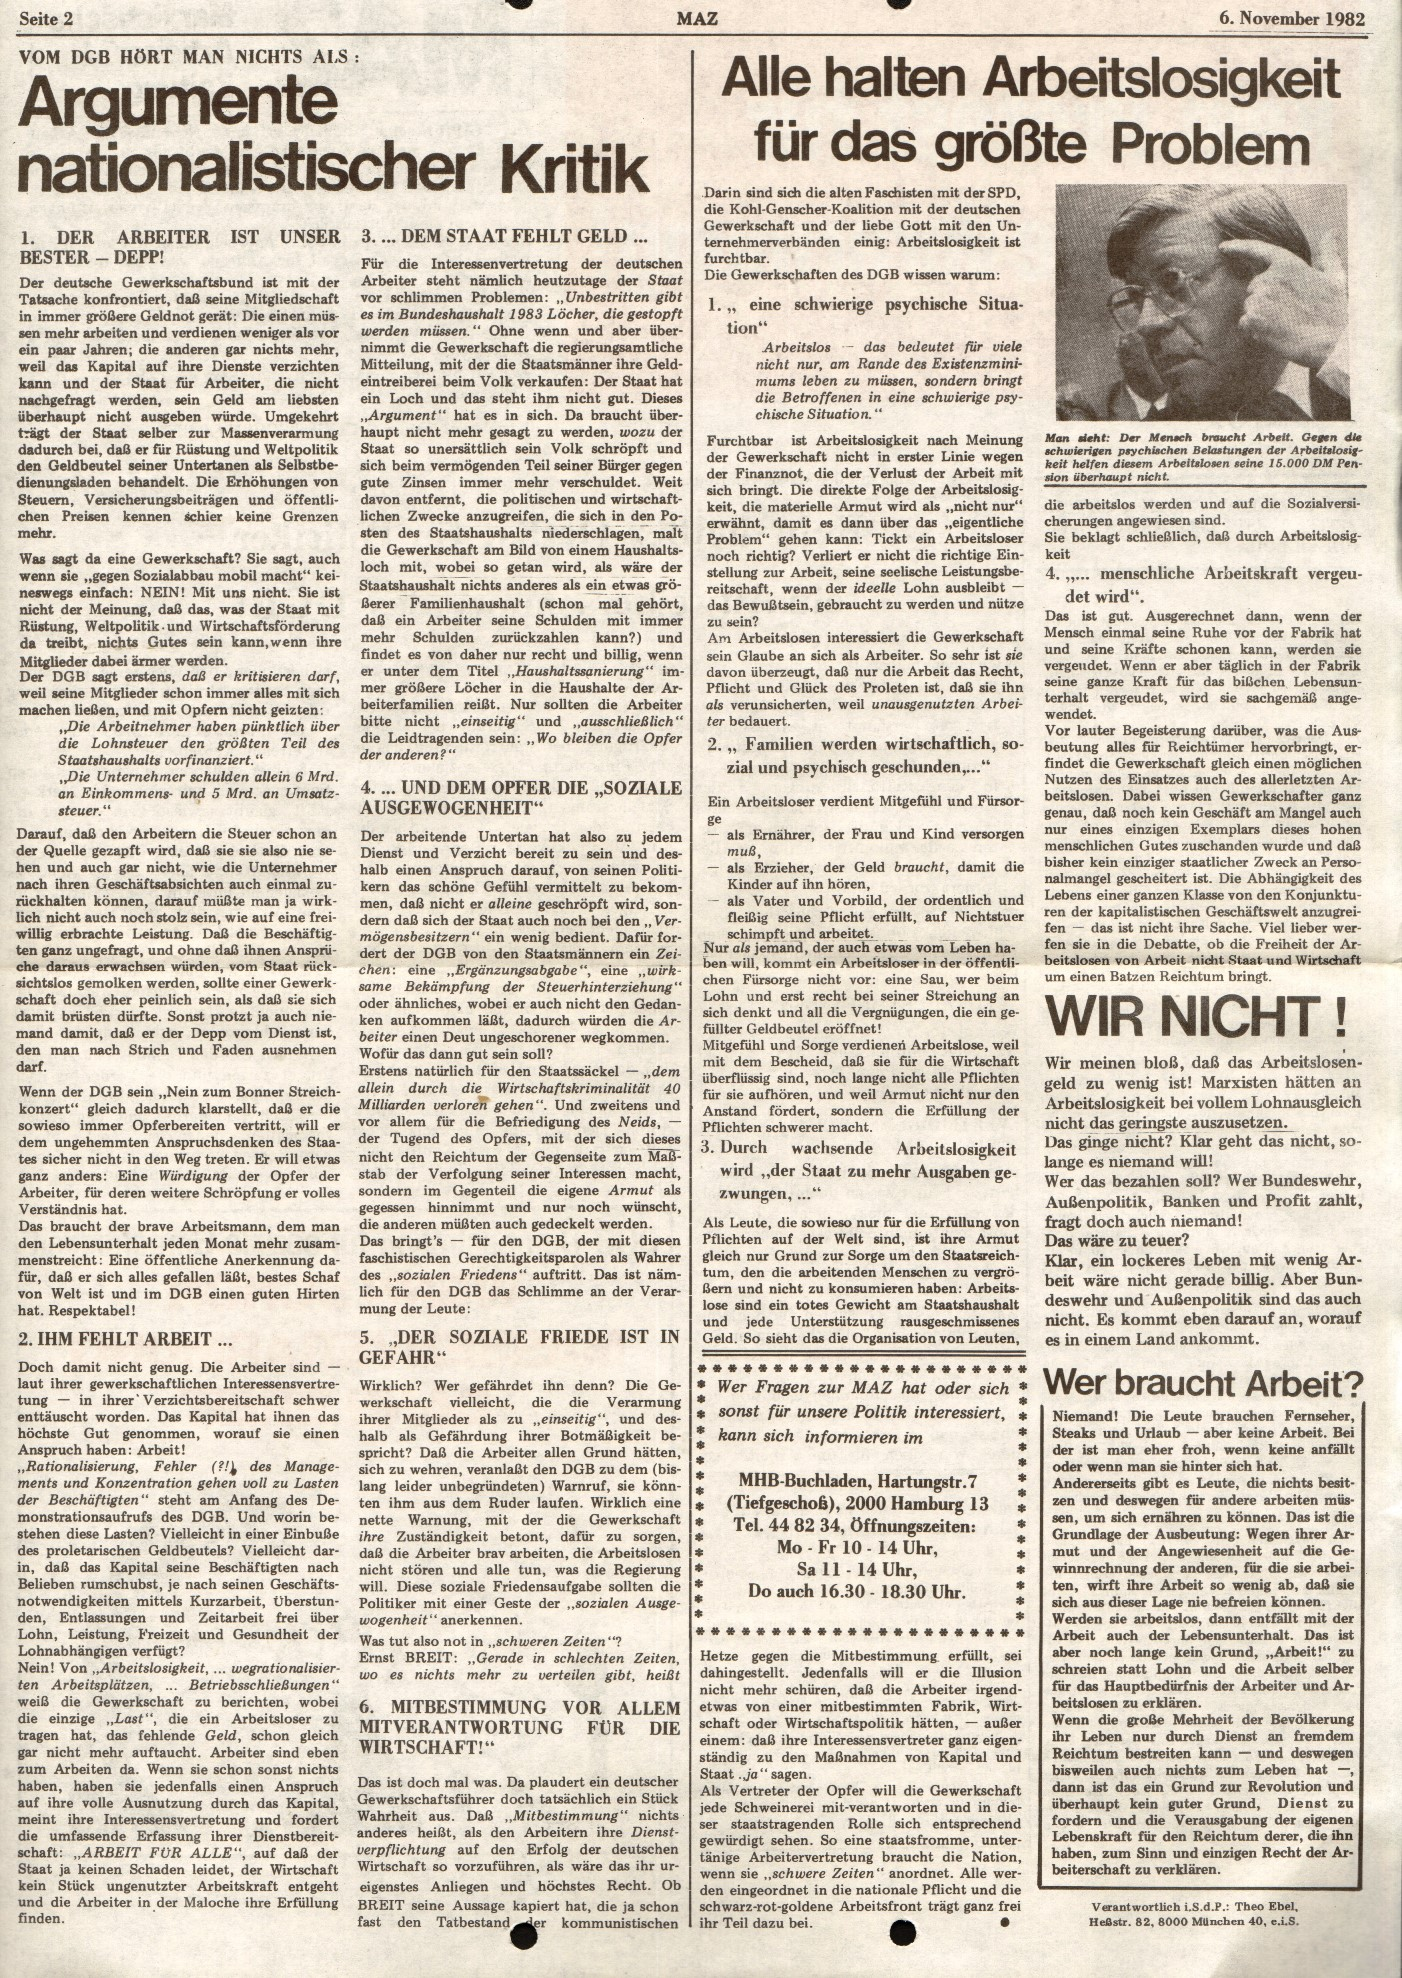 Hamburg_MG_MAZ_19821106_02